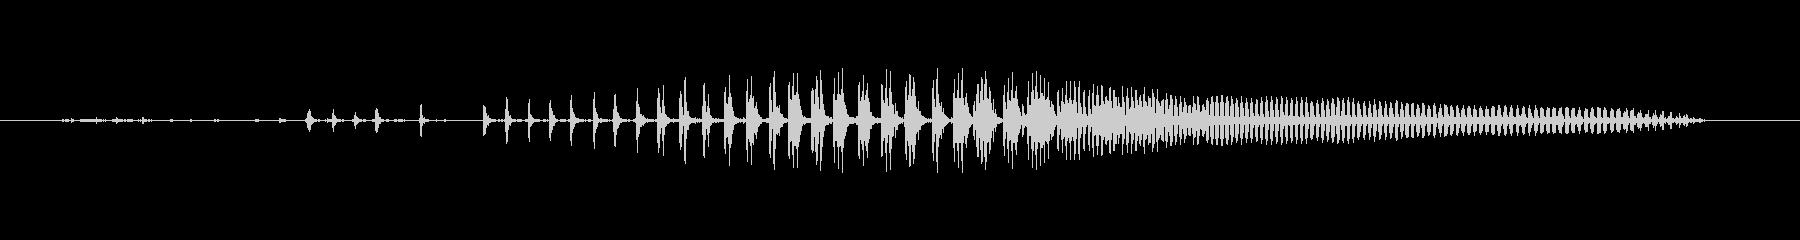 犬 スモールグロールウェーブ10の未再生の波形